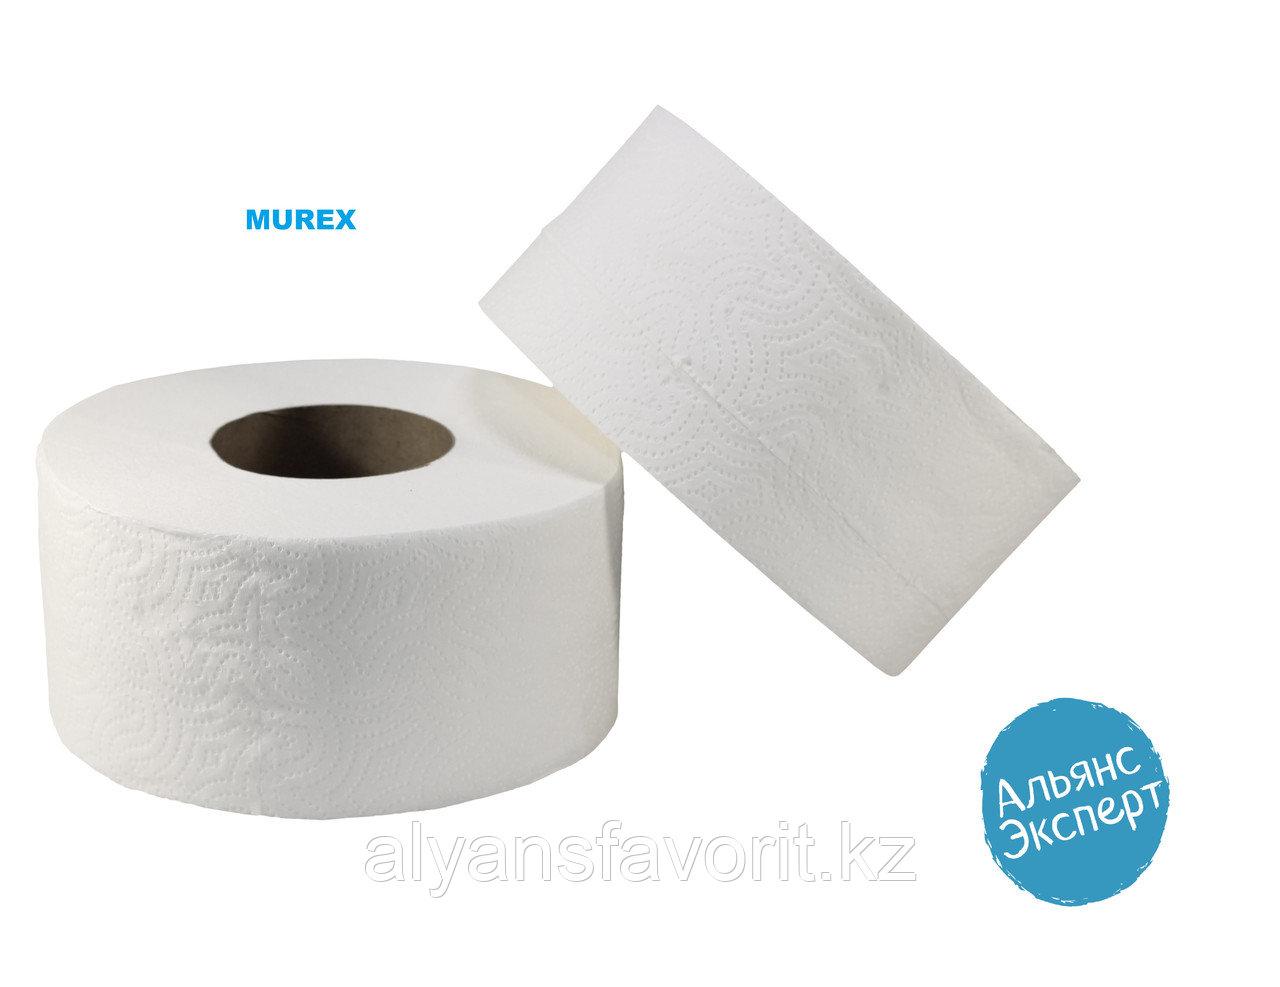 Туалетная бумага  Jambo 100 м, 12 рул. в упаковке. MUREX